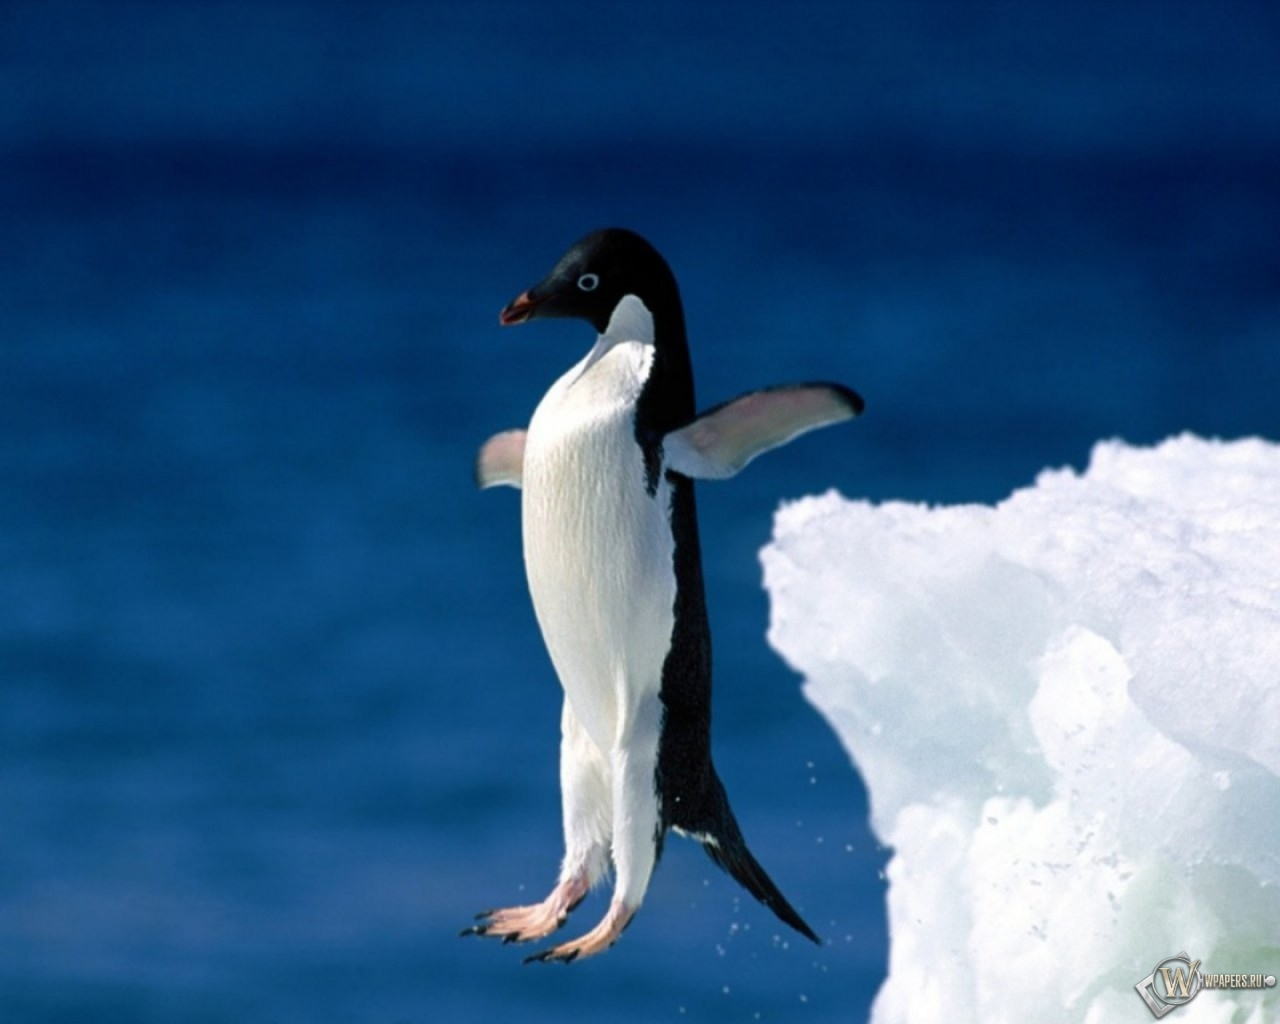 Пингвин в прыжке 1280x1024